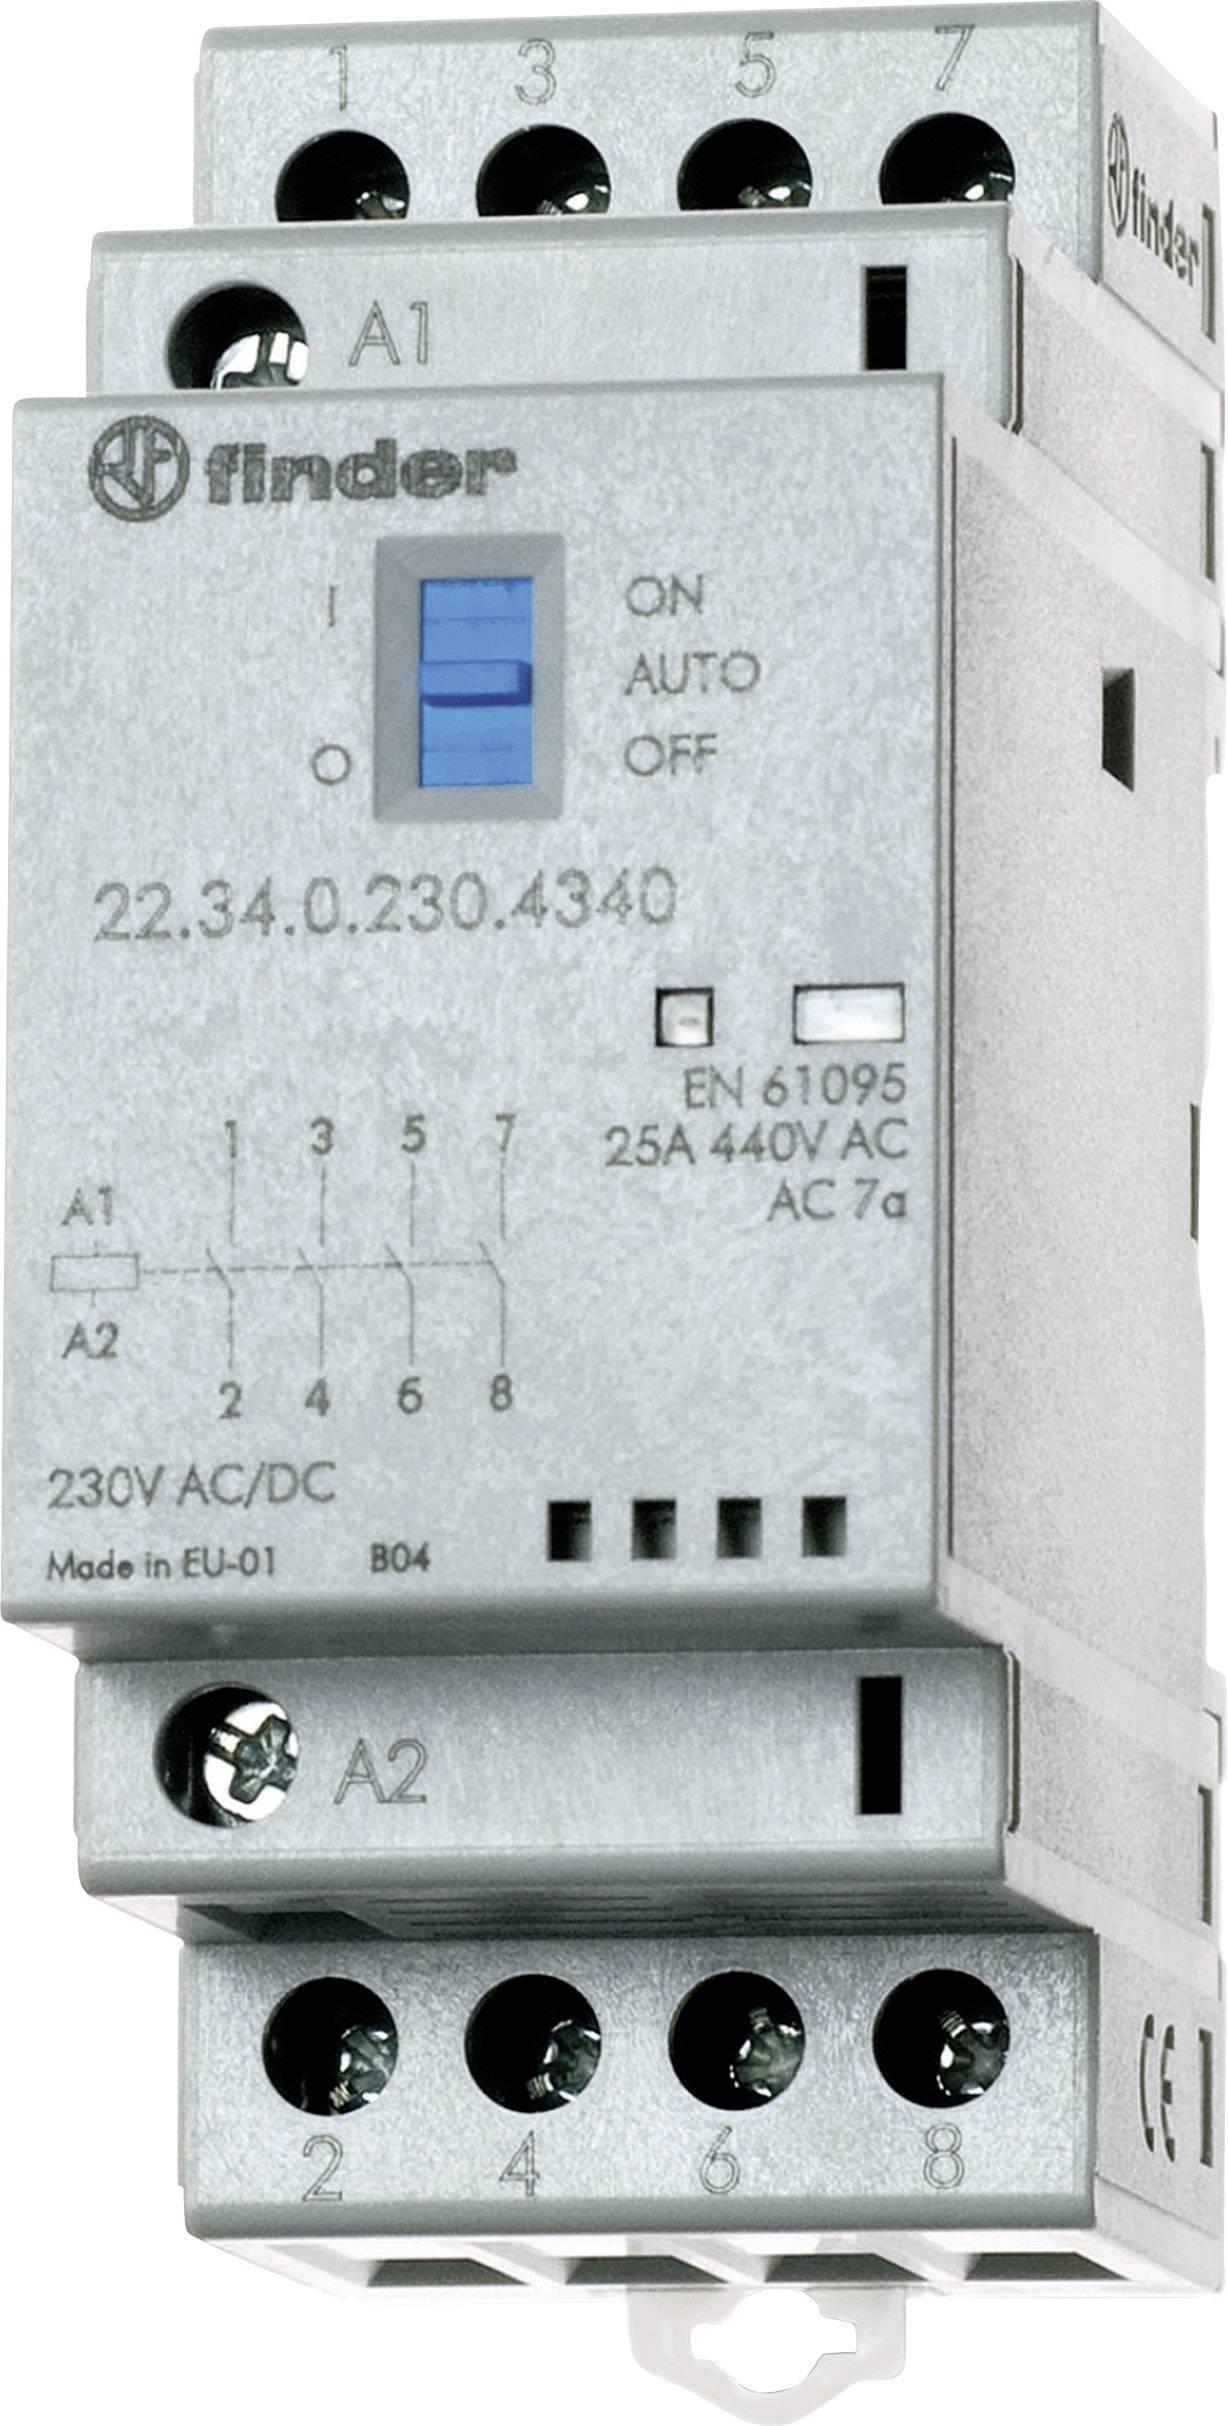 Stykač Finder 22.34.0.048.4720, 3 spínací kontakty / 1 rozpínací kontakt, 25 A, 1 ks